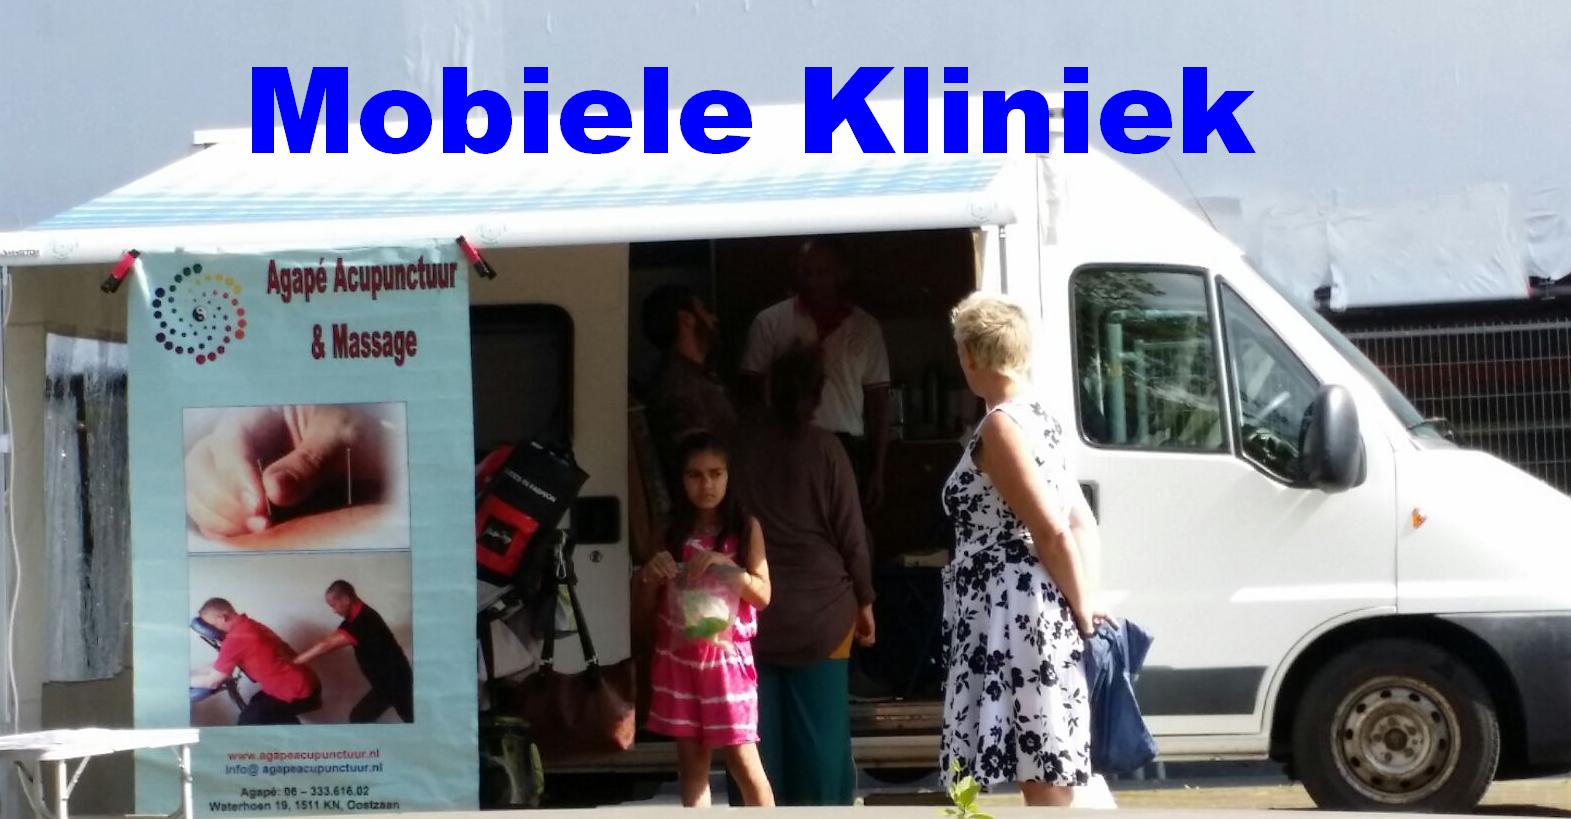 Mobiele kliniek